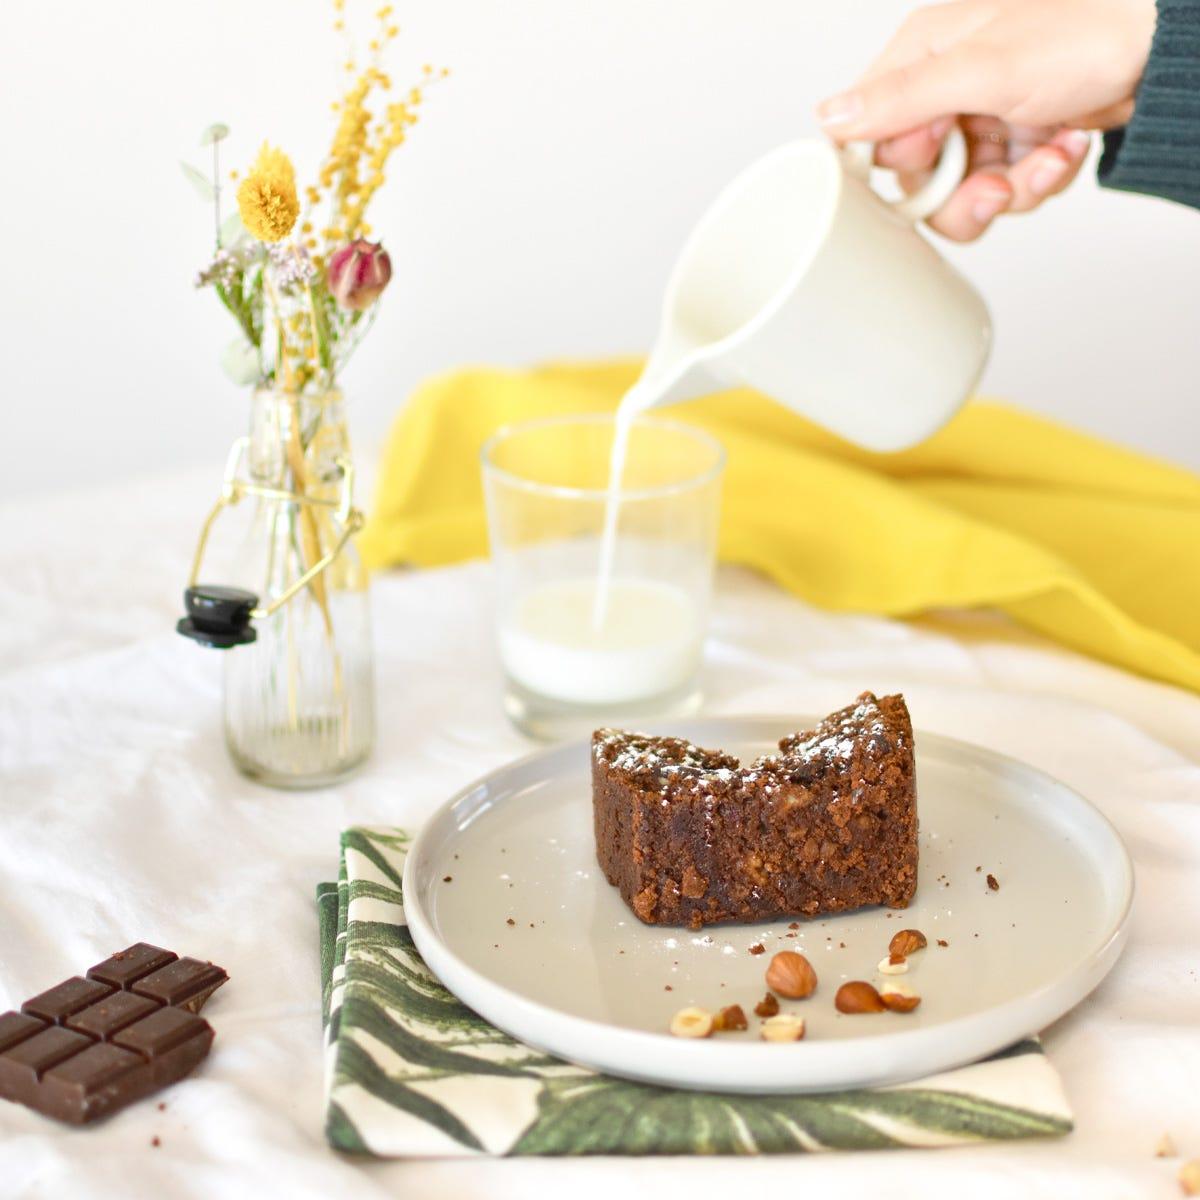 Perché lo sanno tutti che il cioccolato è sempre una buona idea!